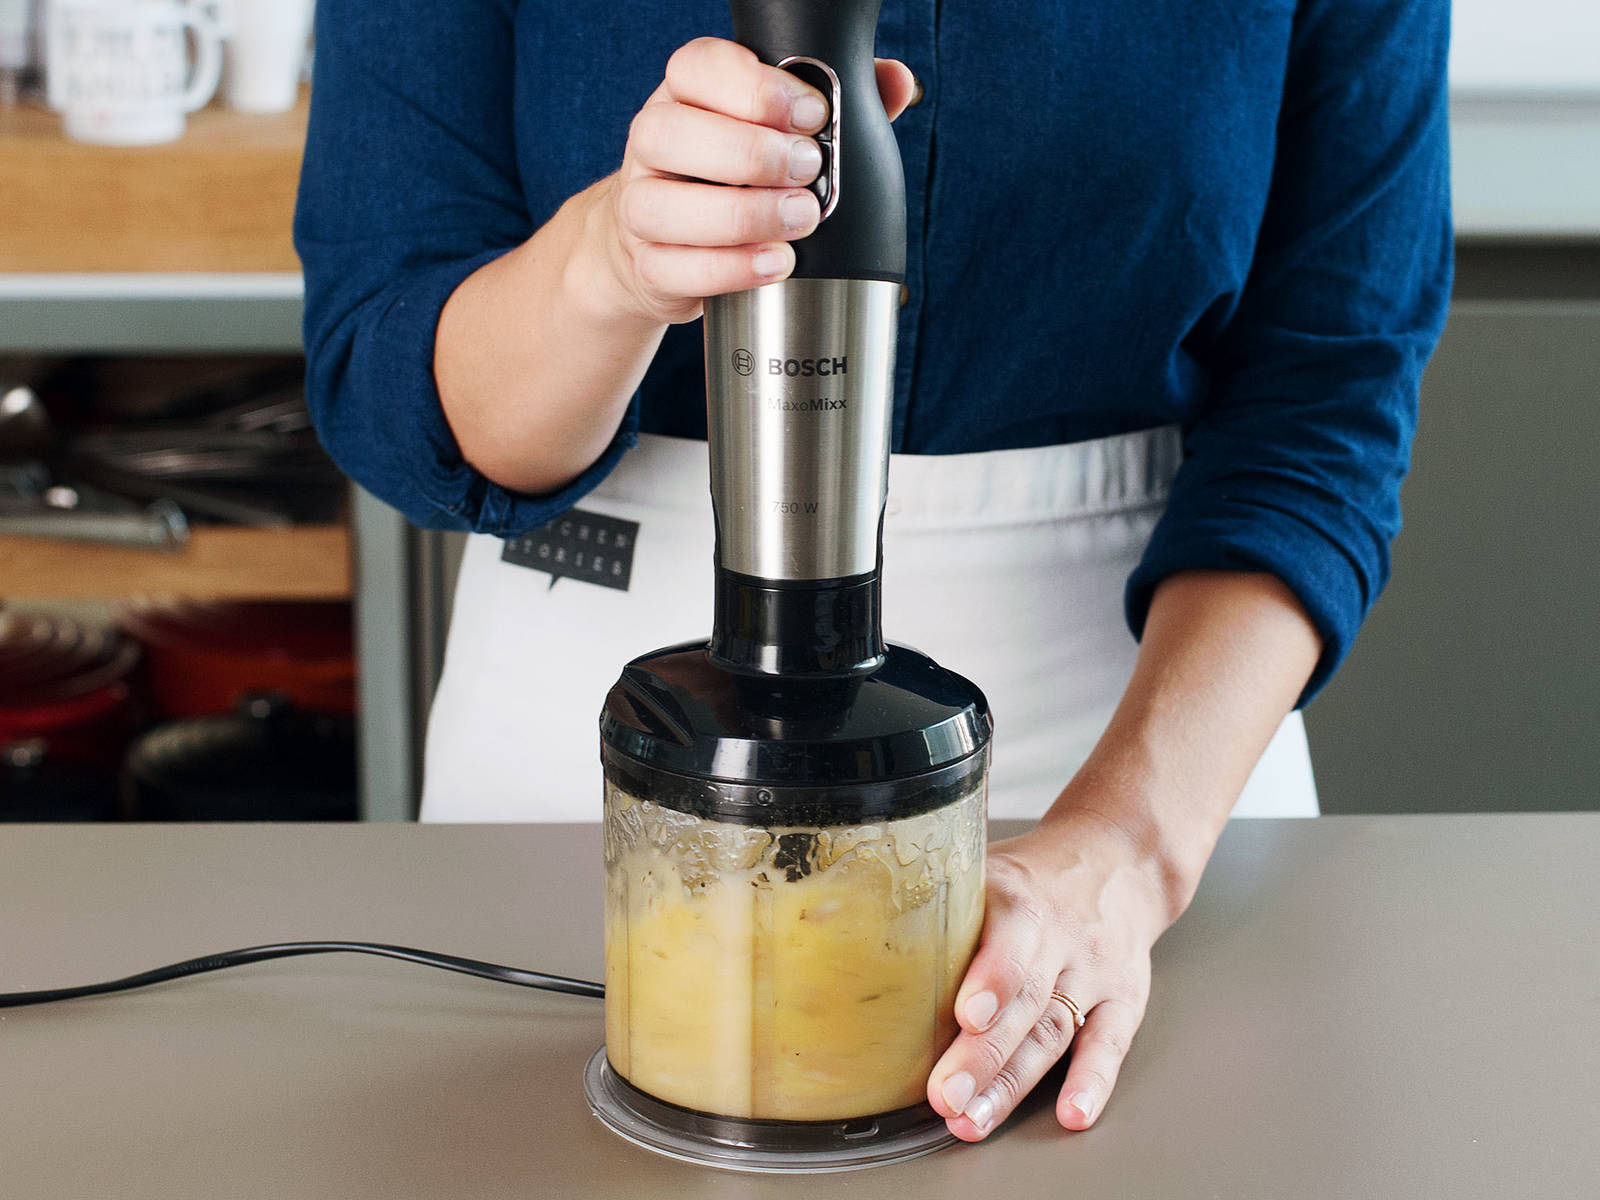 在小碗或搅拌机中,混合搅拌橄榄油、蜂蜜、柠檬汁、葱以及盐与胡椒,直至混合物呈乳液状。往大碗中放入茴香、芹菜、苹果和芝麻菜。淋上酱汁,并搅拌至完全混合。如有需要,可进行适当调味。